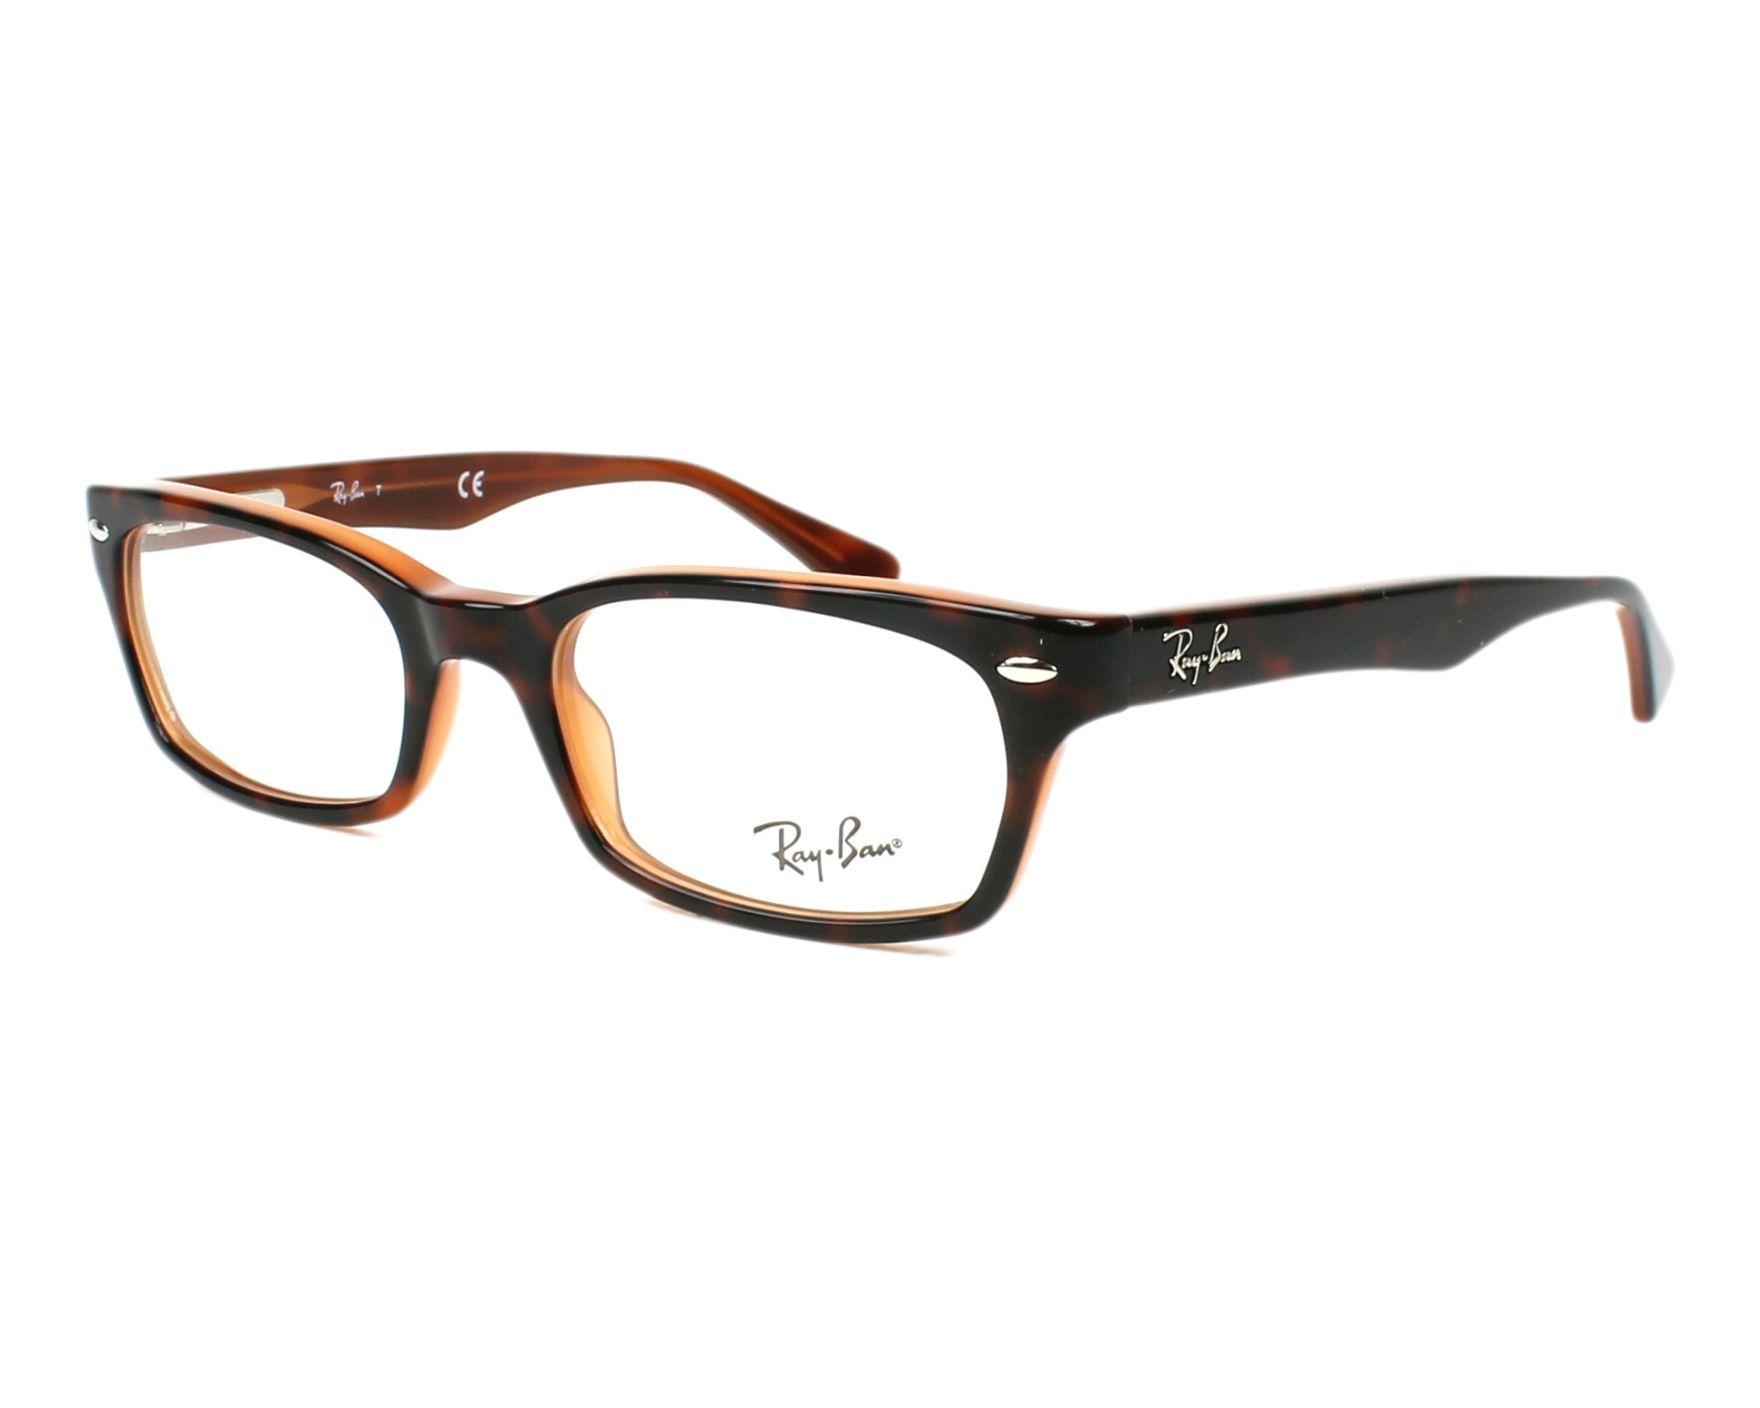 Ray-Ban Kunststoff Brille RX 5150 2034 Gr.50 in der Farbe schwarz transparent Jlih28yaE